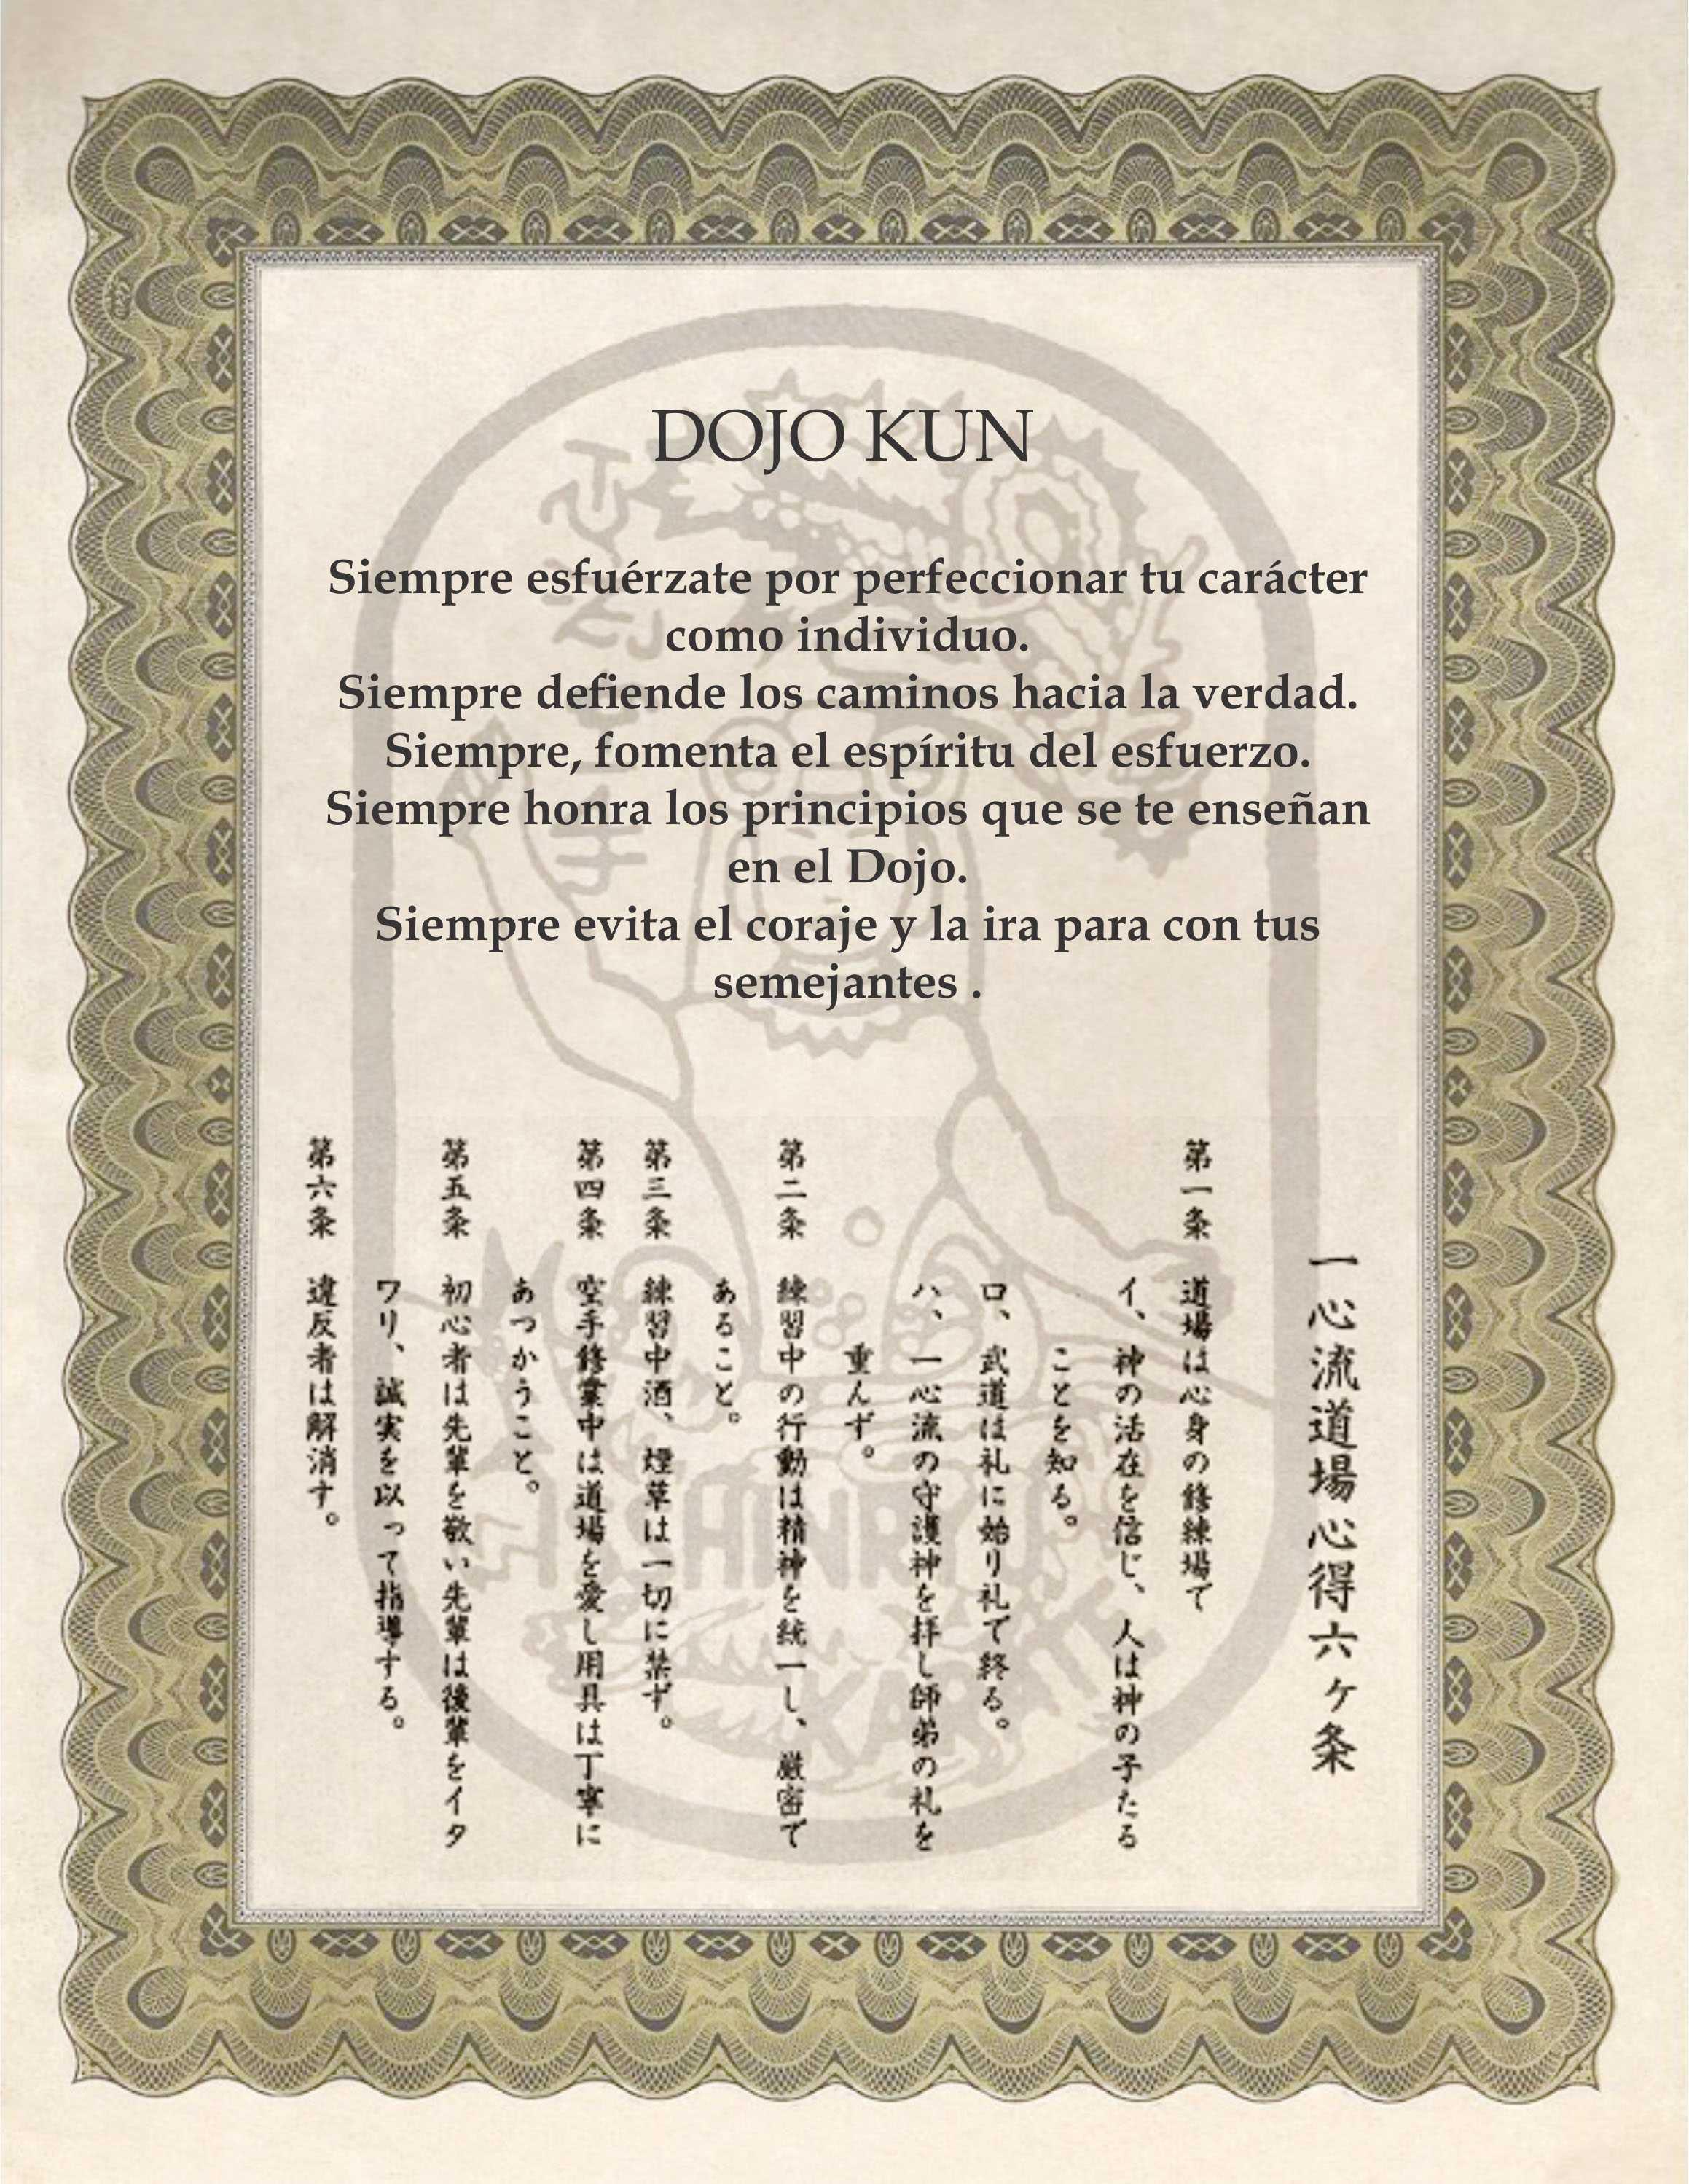 DOJO KUN como objeto inteligente-1